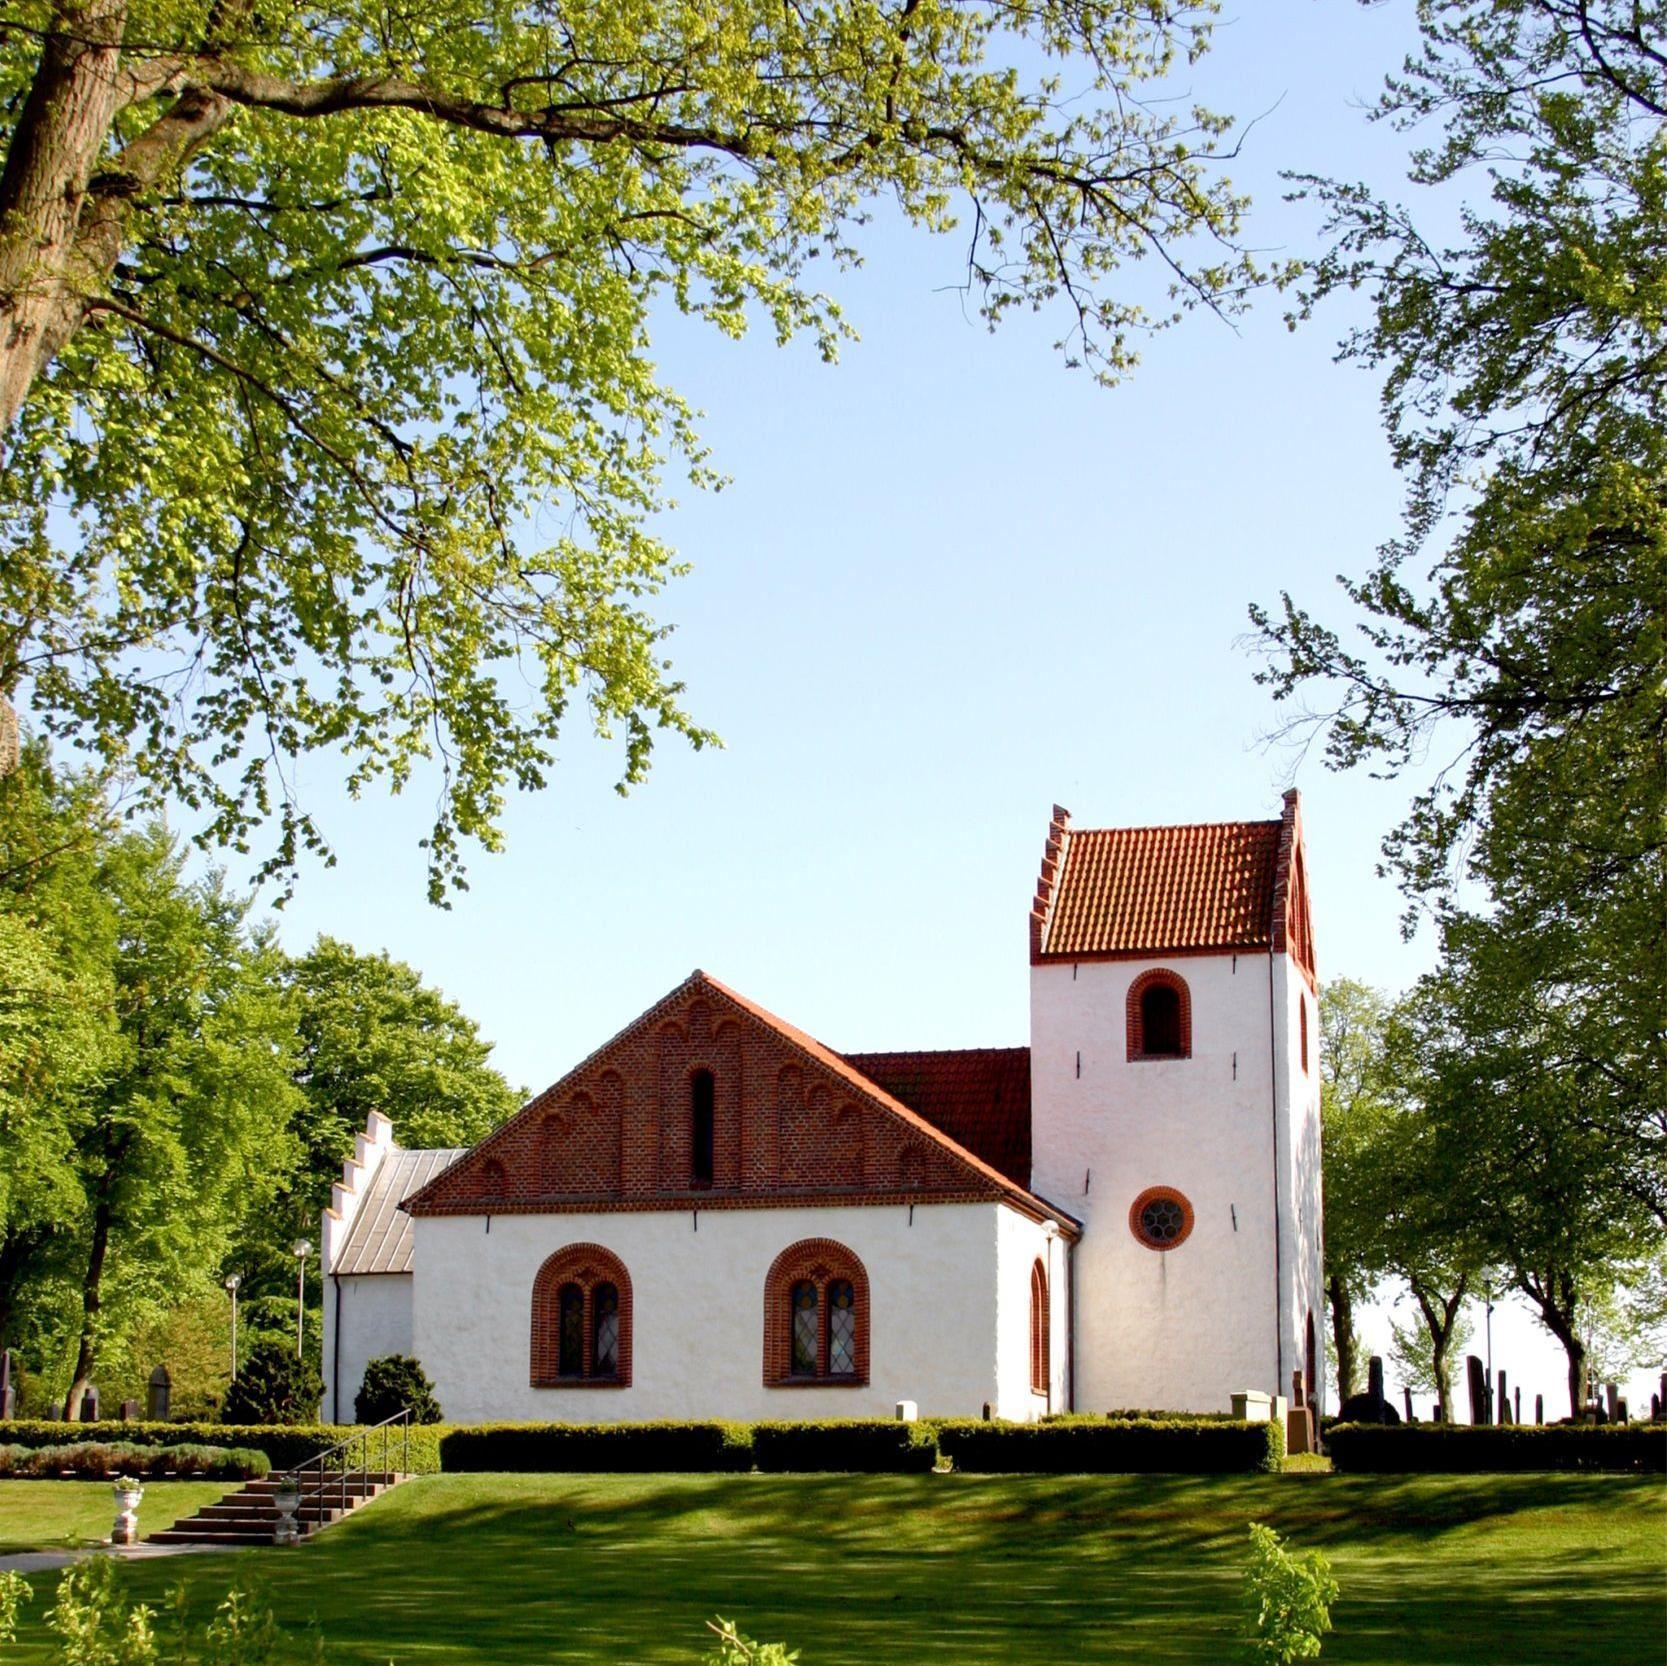 © Kävlinge kommun, Stävie Kirche